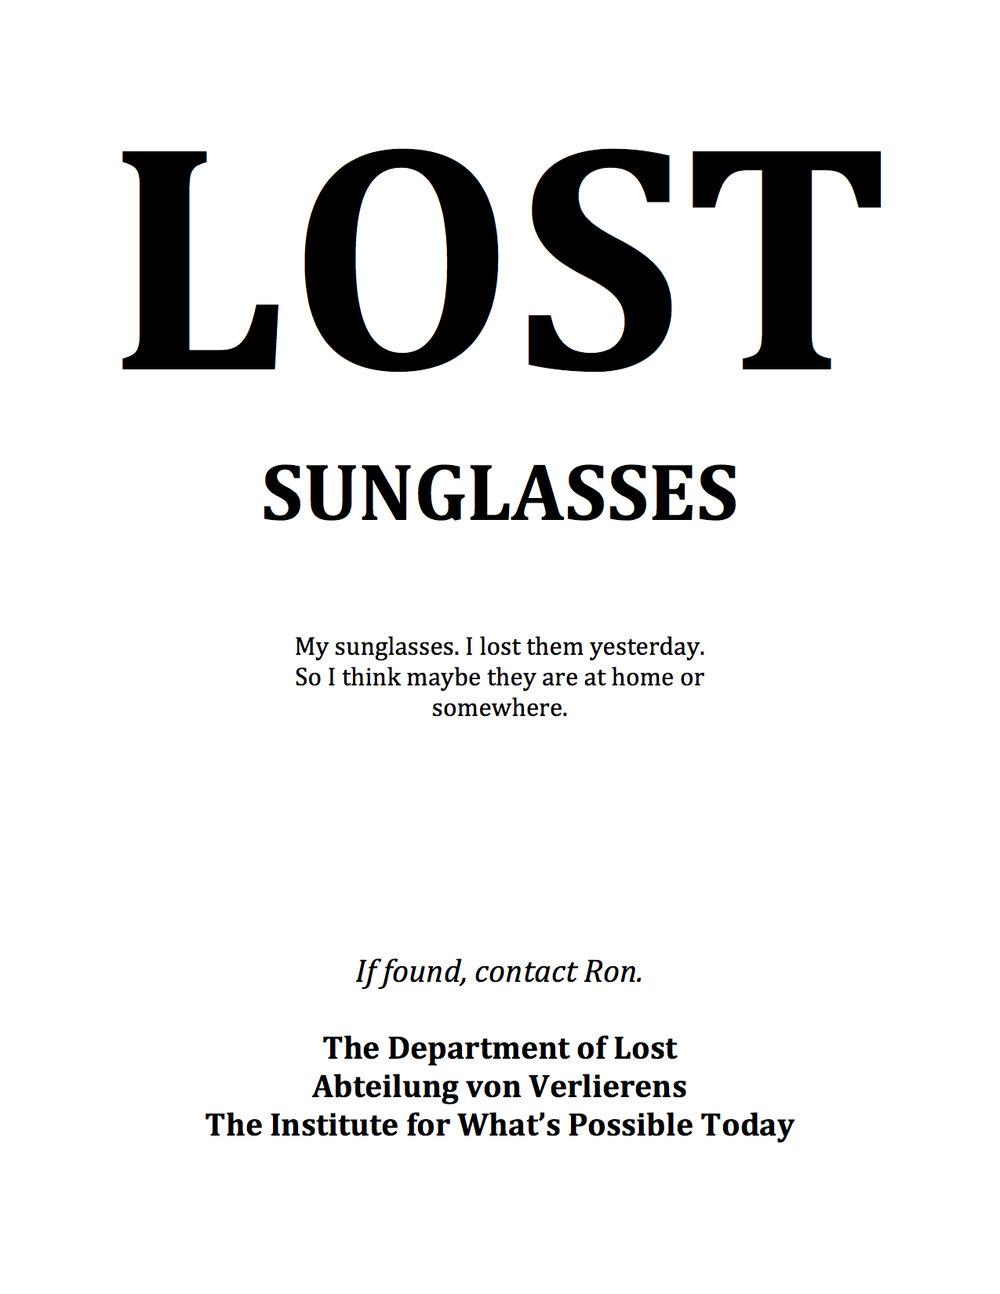 LOST- sunglasses jpeg.jpg